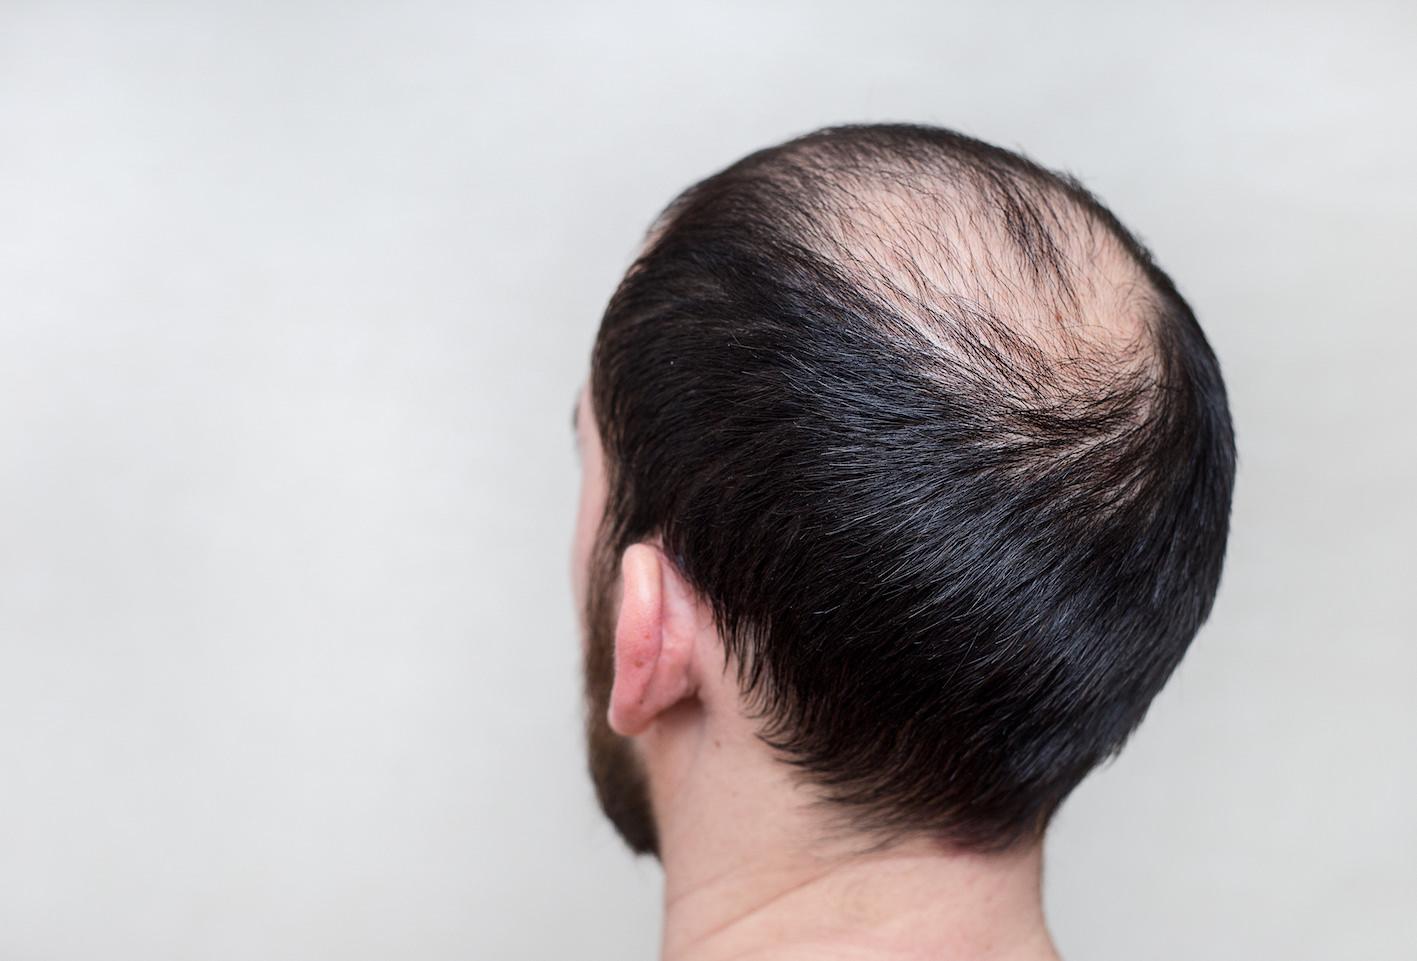 Hasil gambar untuk rambut botak